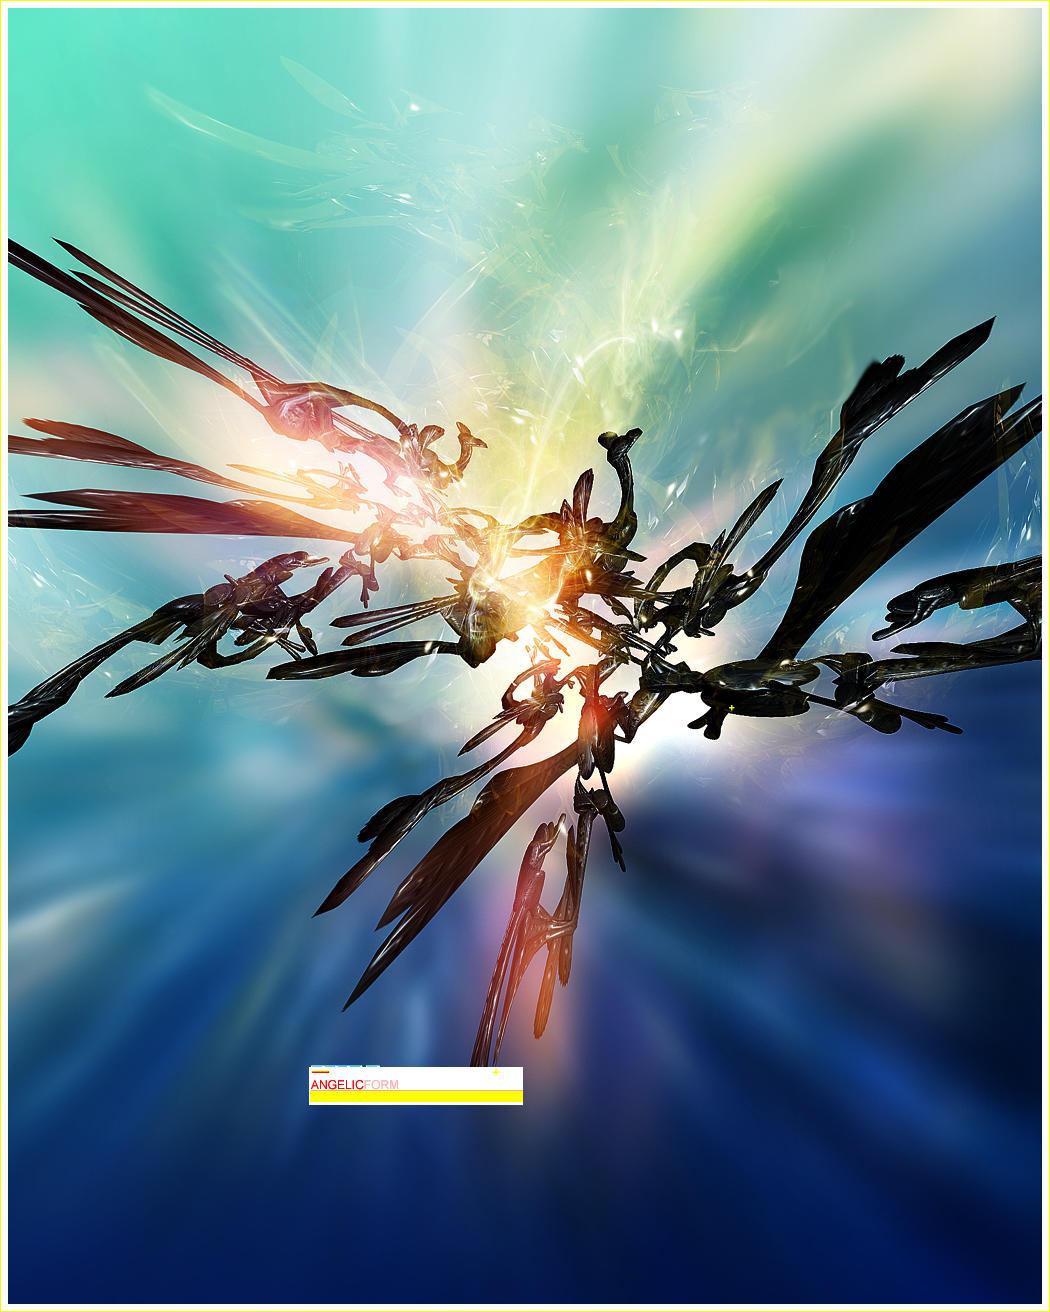 angelic.form by supersaiyanz10